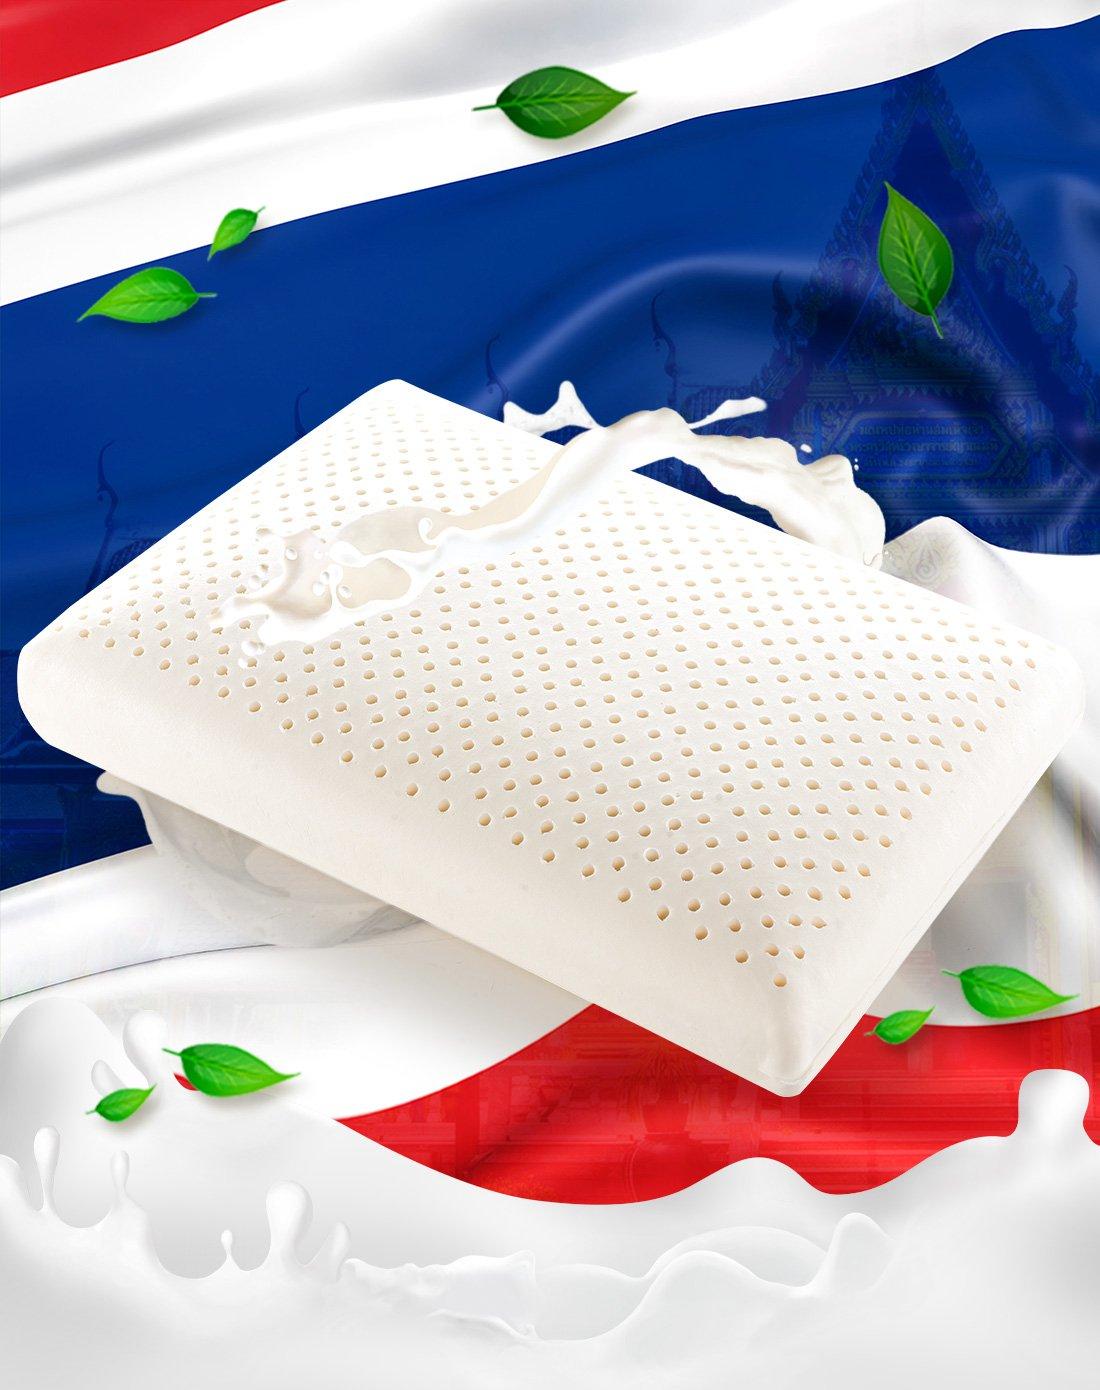 泰国乳胶枕_WOW!精选Paratex乳胶枕泰国进口天然乳胶面包枕枕头乳胶枕